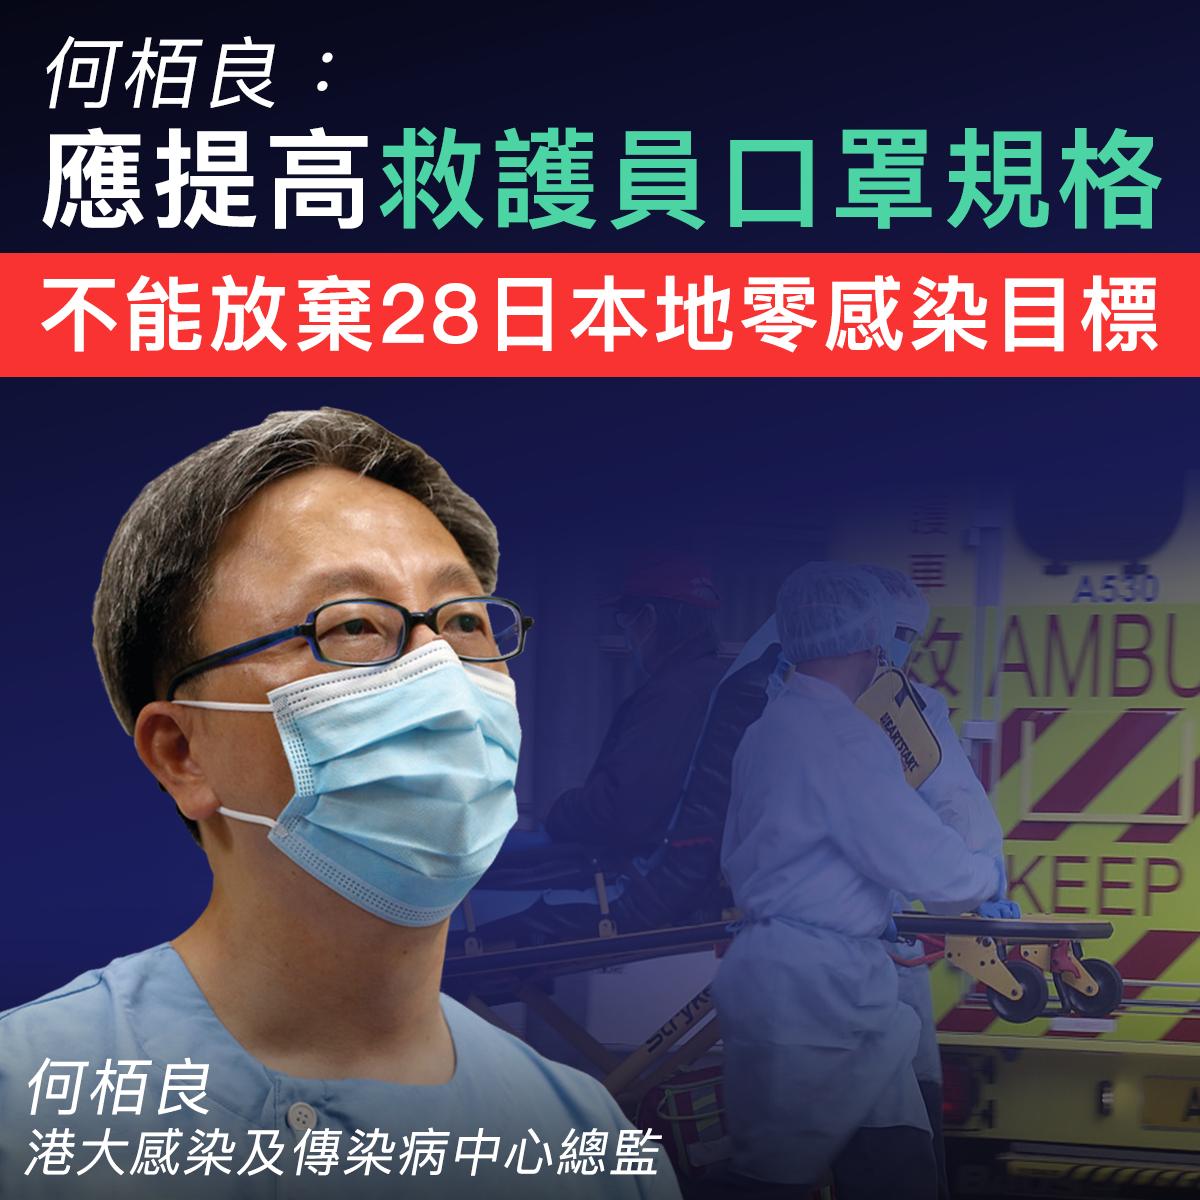 【#新型肺炎】何栢良:應提高救護員口罩規格 不能放棄28日本地零感染目標